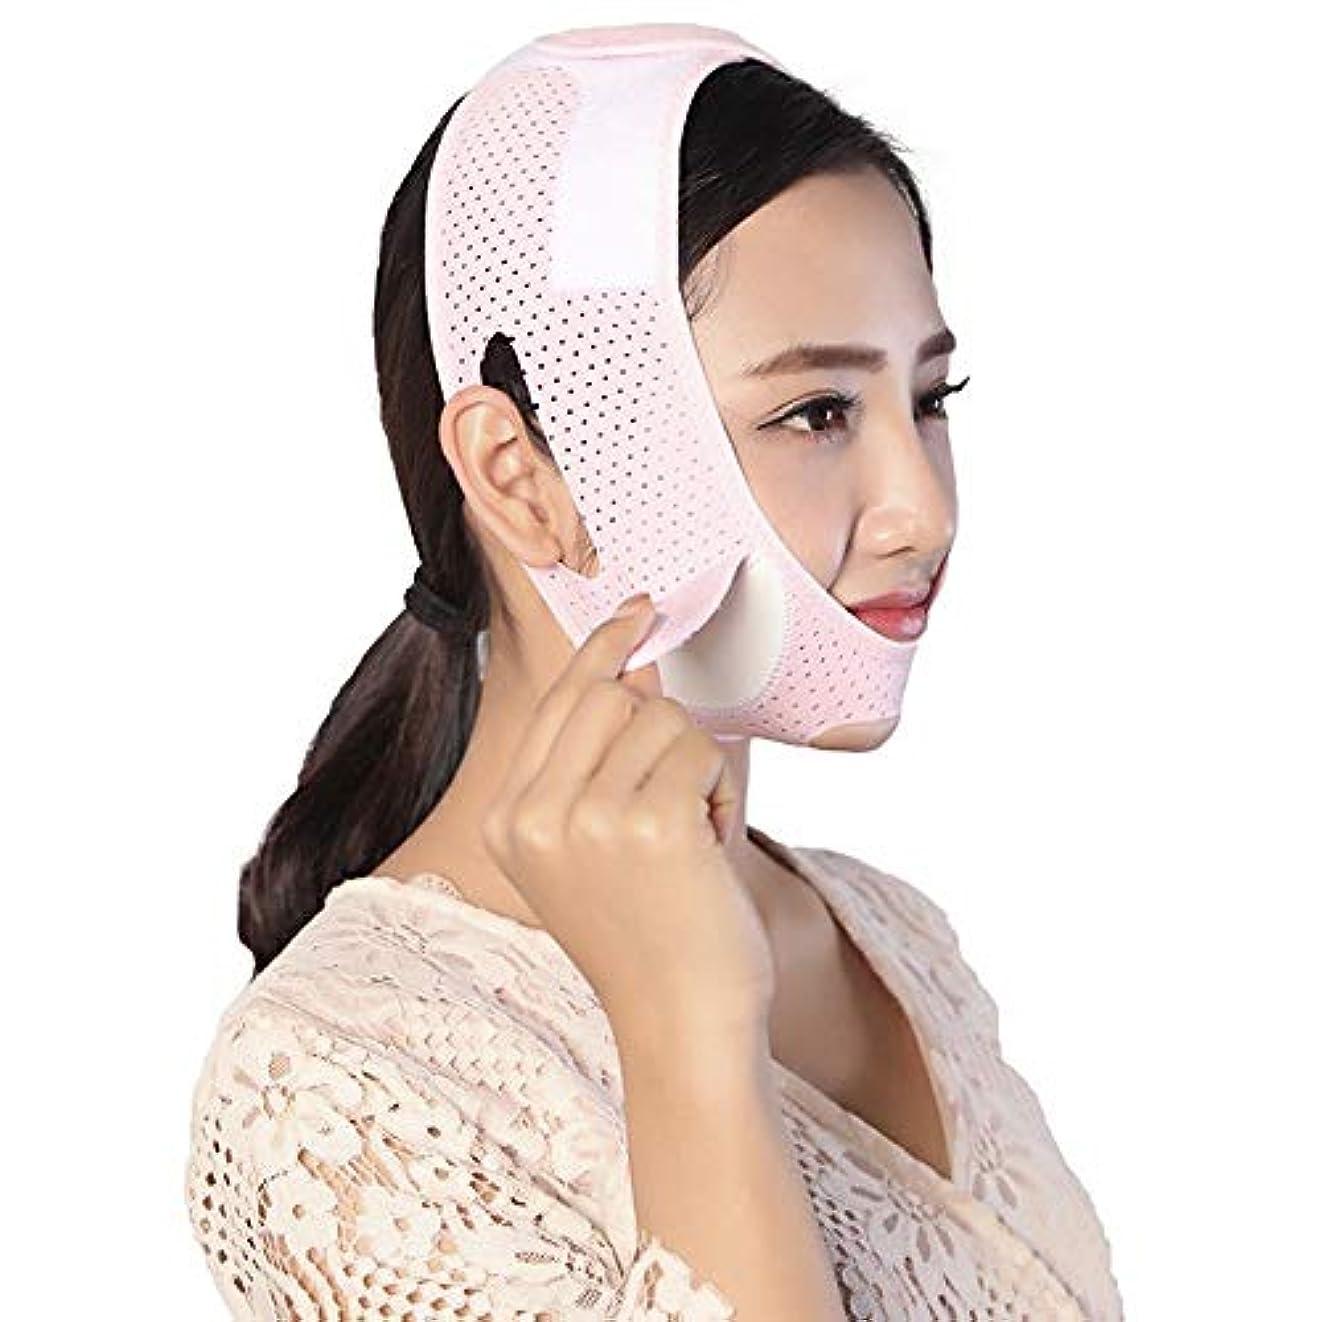 不十分なビタミンポーターJia Jia- フェイシャルリフティング痩身ベルト - 圧縮二重あご減量ベルトスキンケア薄い顔包帯 顔面包帯